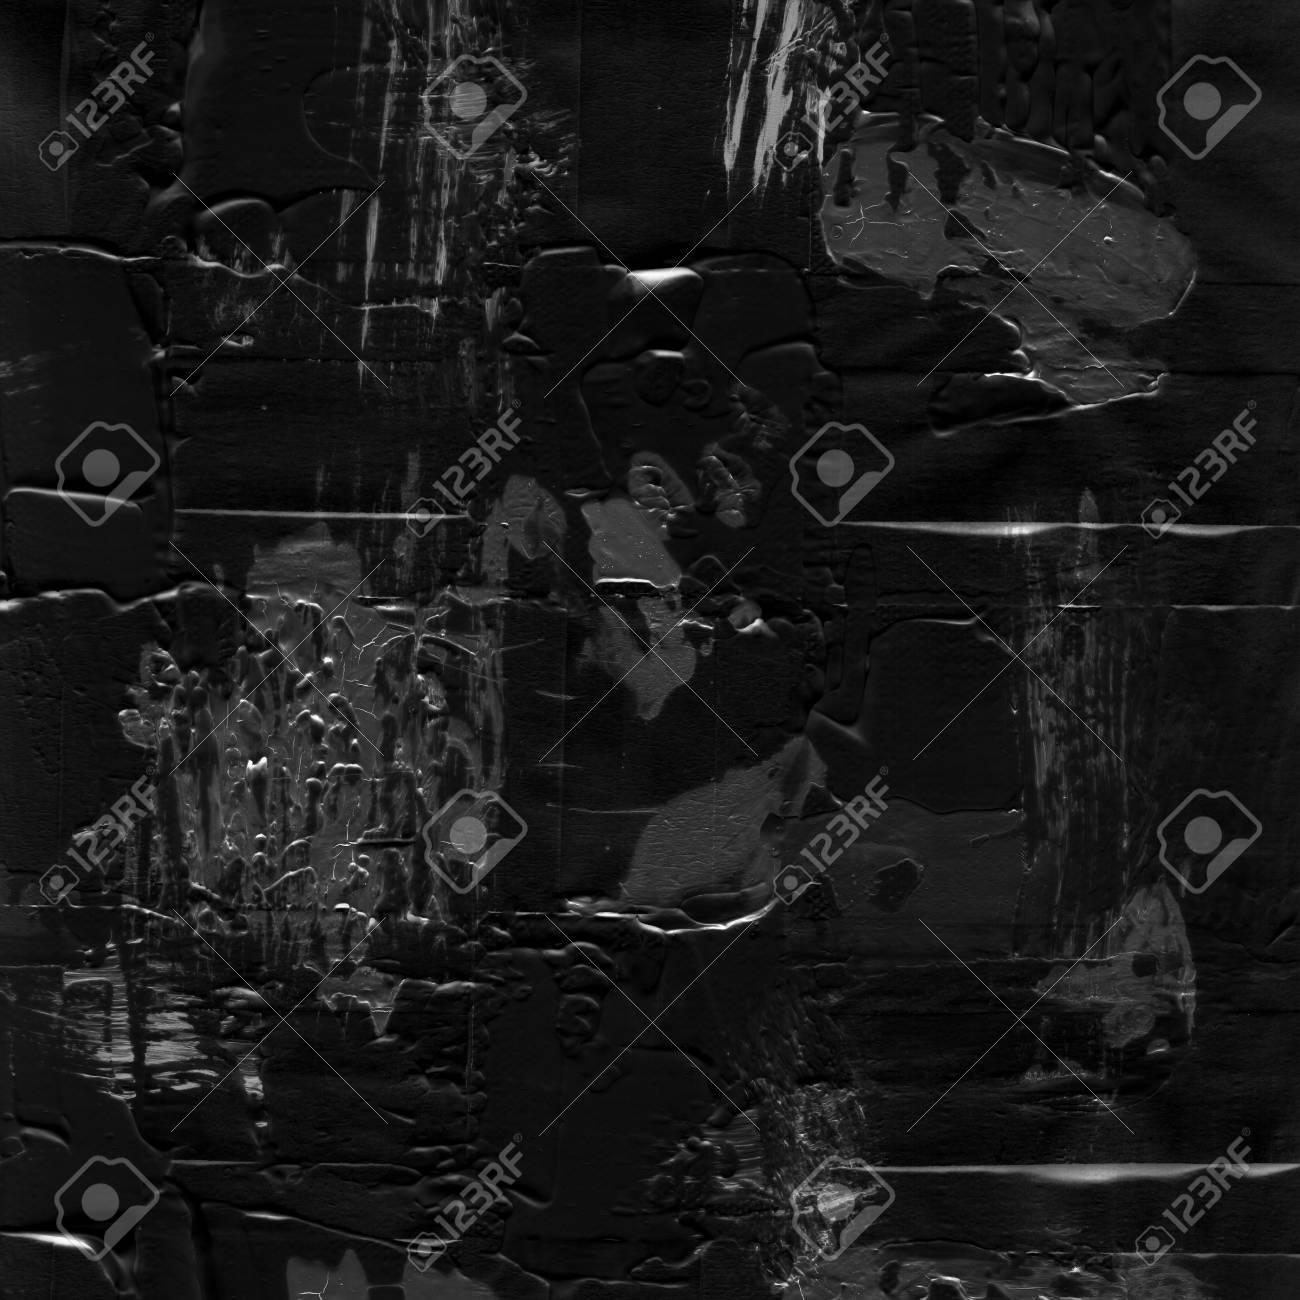 313f5b7095e3d Standard-Bild - Weiß gemalt strukturierten abstrakten Hintergrund mit  Pinselstriche in grau und schwarz Schattierungen. Fragment der Acrylmalerei  auf ...